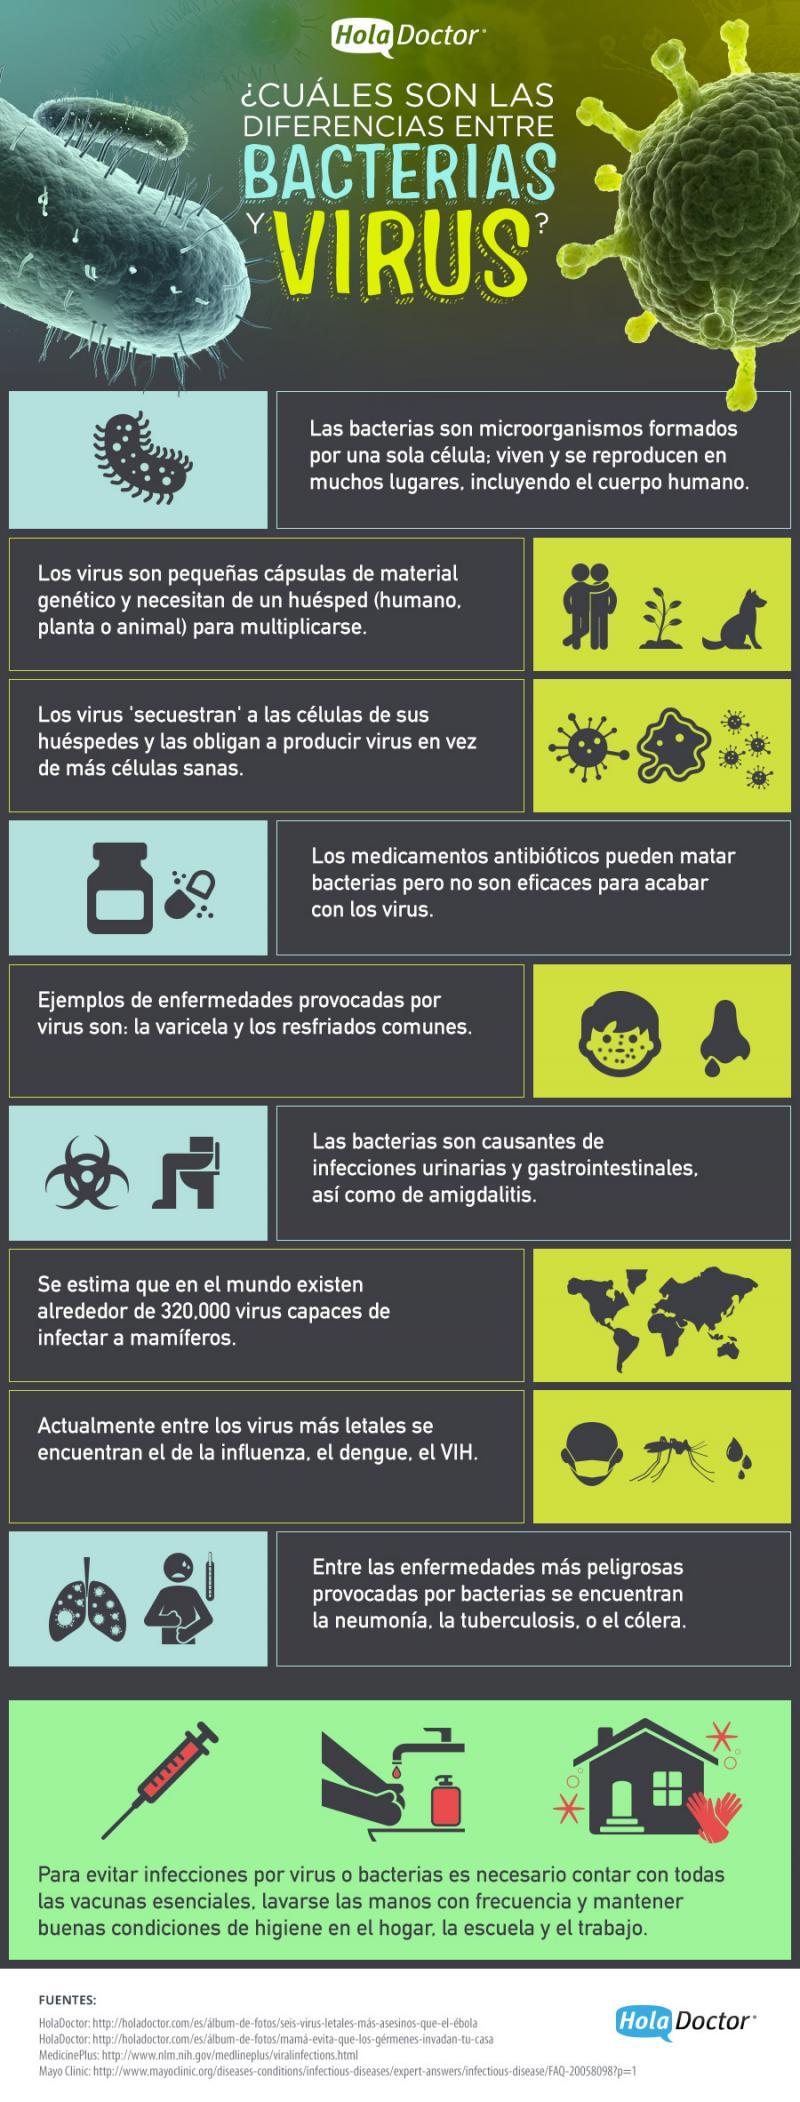 ¿Cuales son las diferencias entre bacterias y virus?